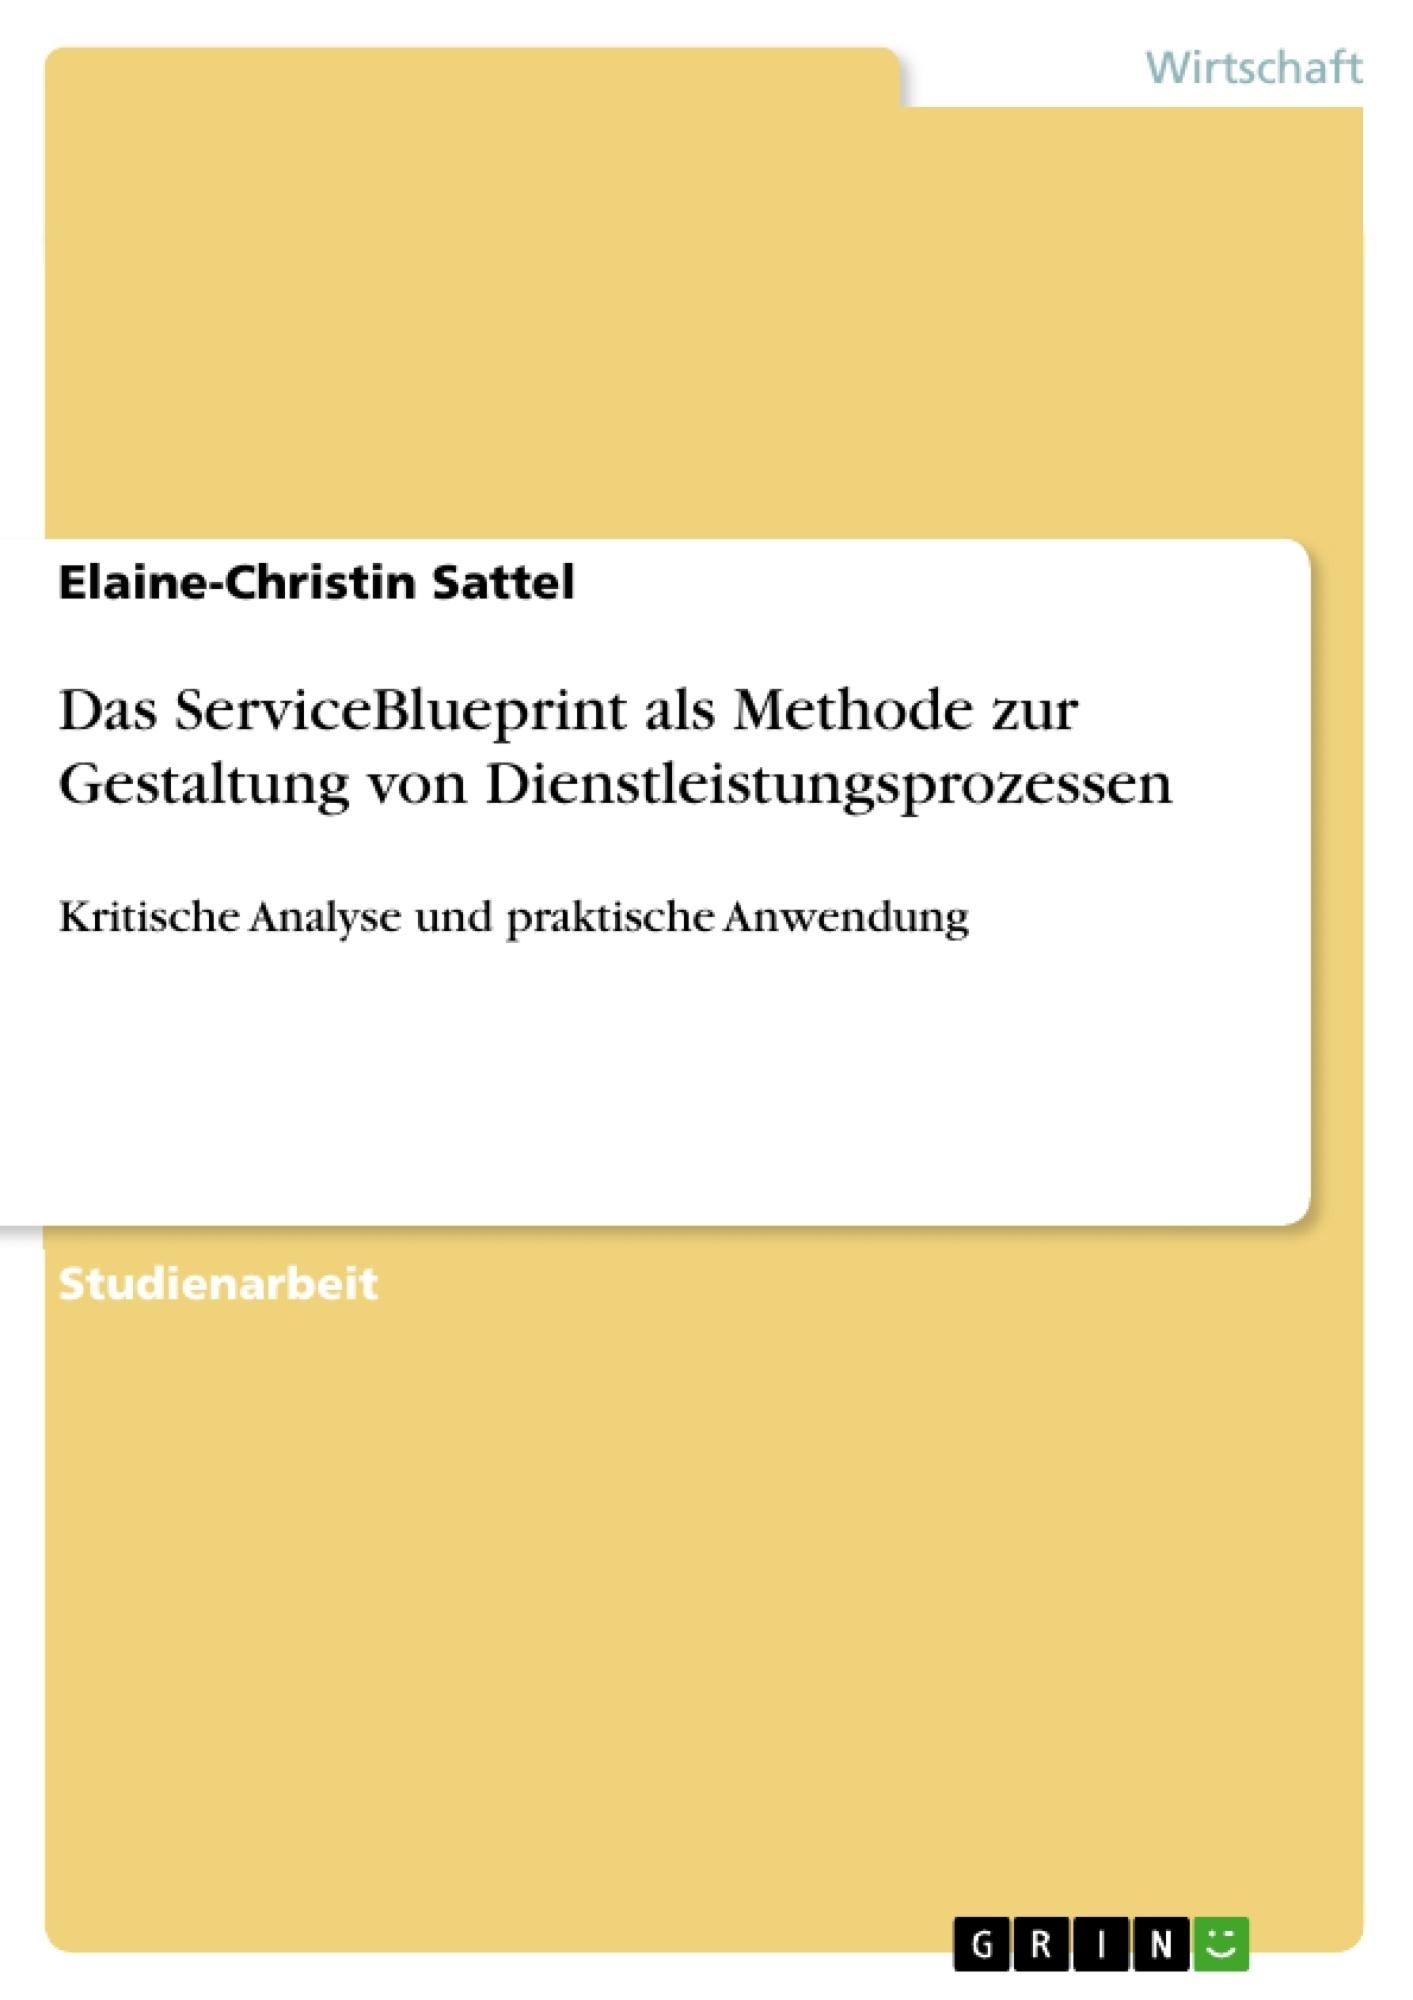 Titel: Das ServiceBlueprint als Methode zur Gestaltung  von Dienstleistungsprozessen